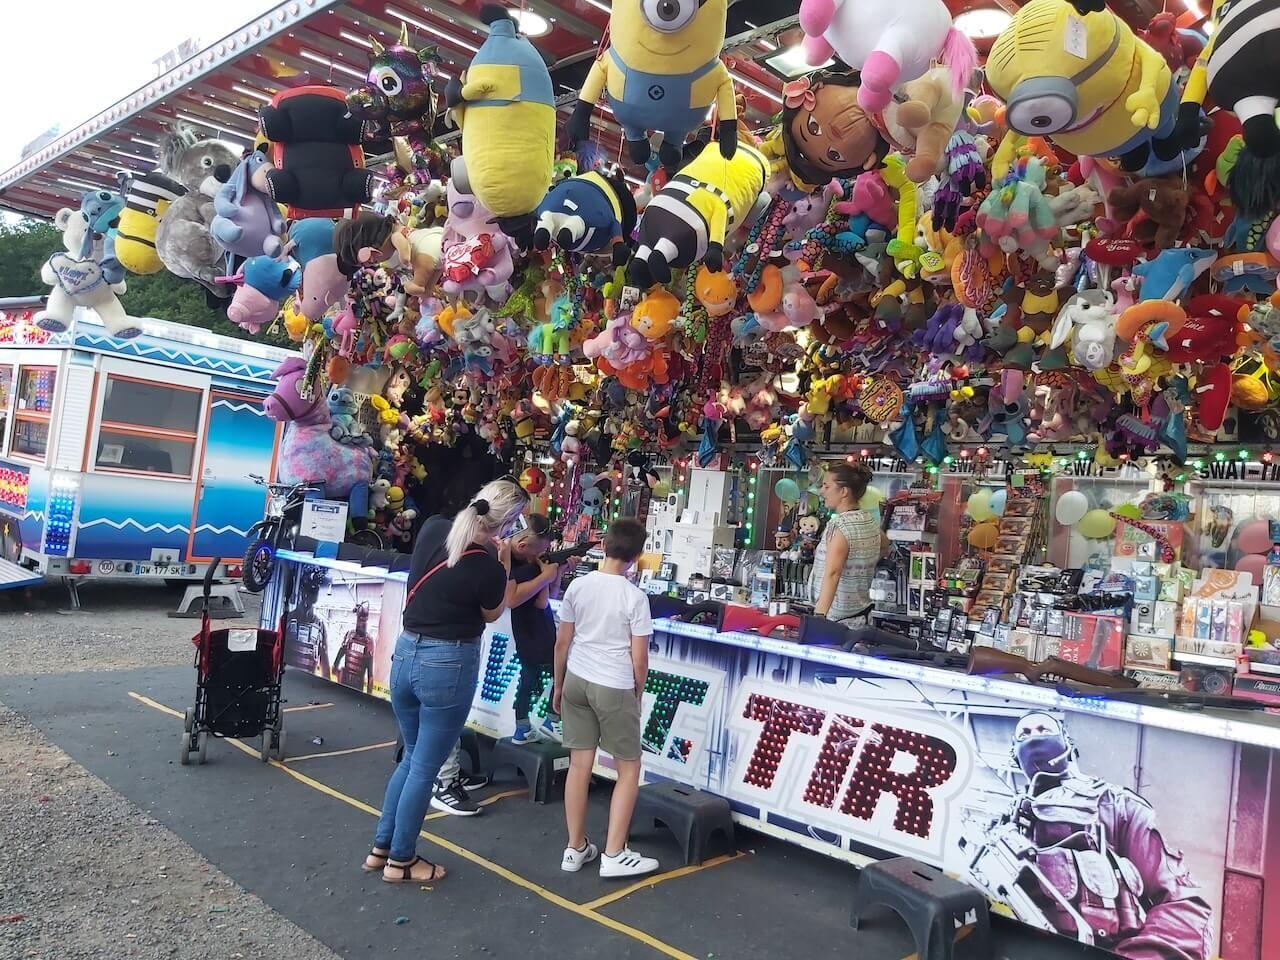 مهرجان الصيف في ليموج بفرنسا أقل حيوية وأطفال الجالية العربية هم الأكثر فرحاً